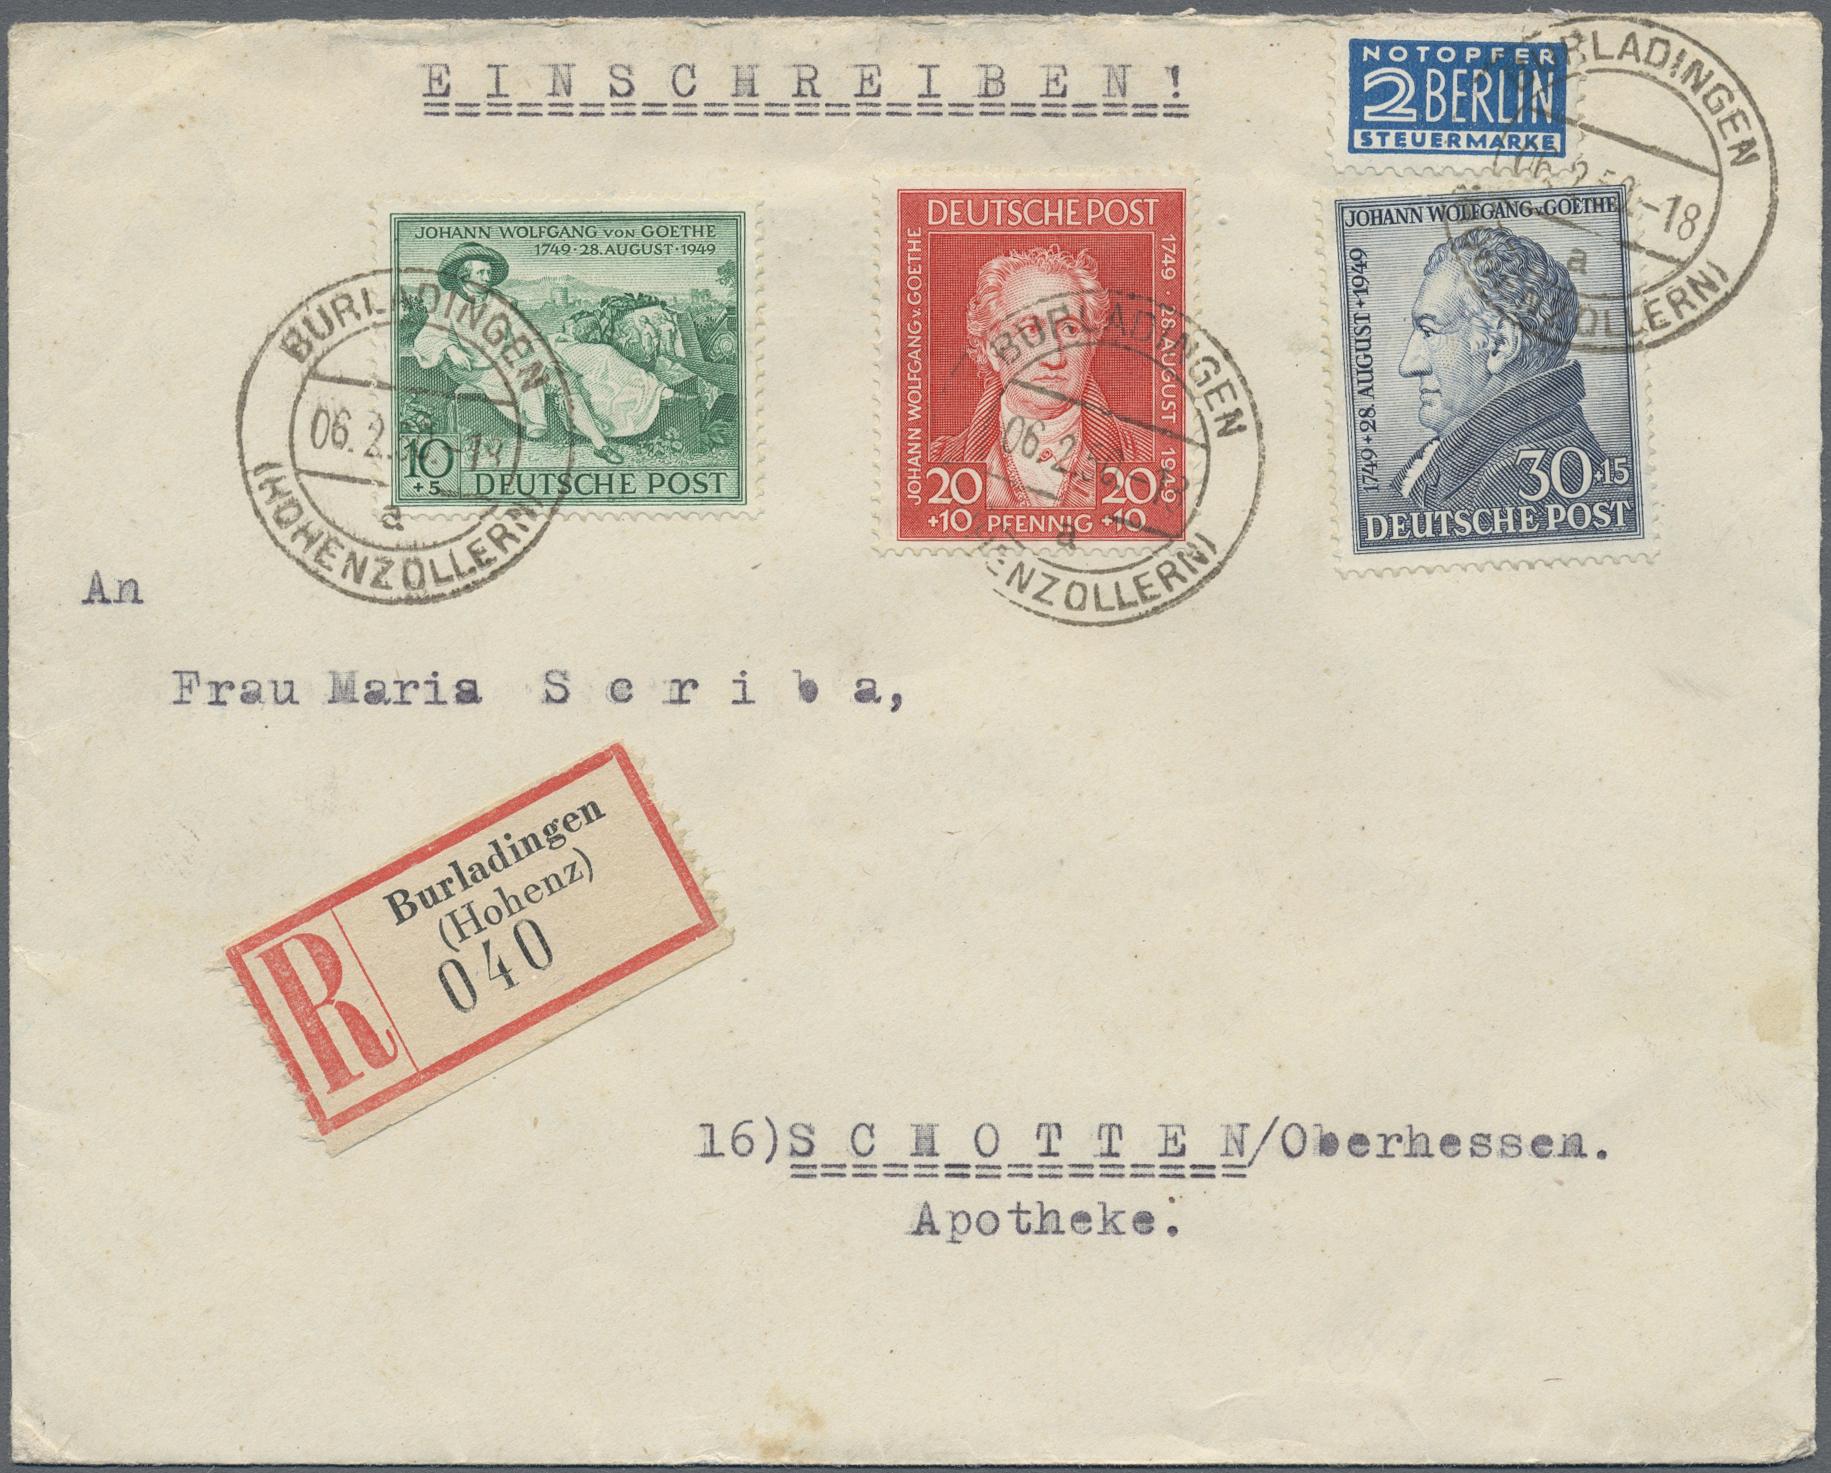 Lot 33507 - bundesrepublik deutschland  -  Auktionshaus Christoph Gärtner GmbH & Co. KG Sale #45- Collections Germany